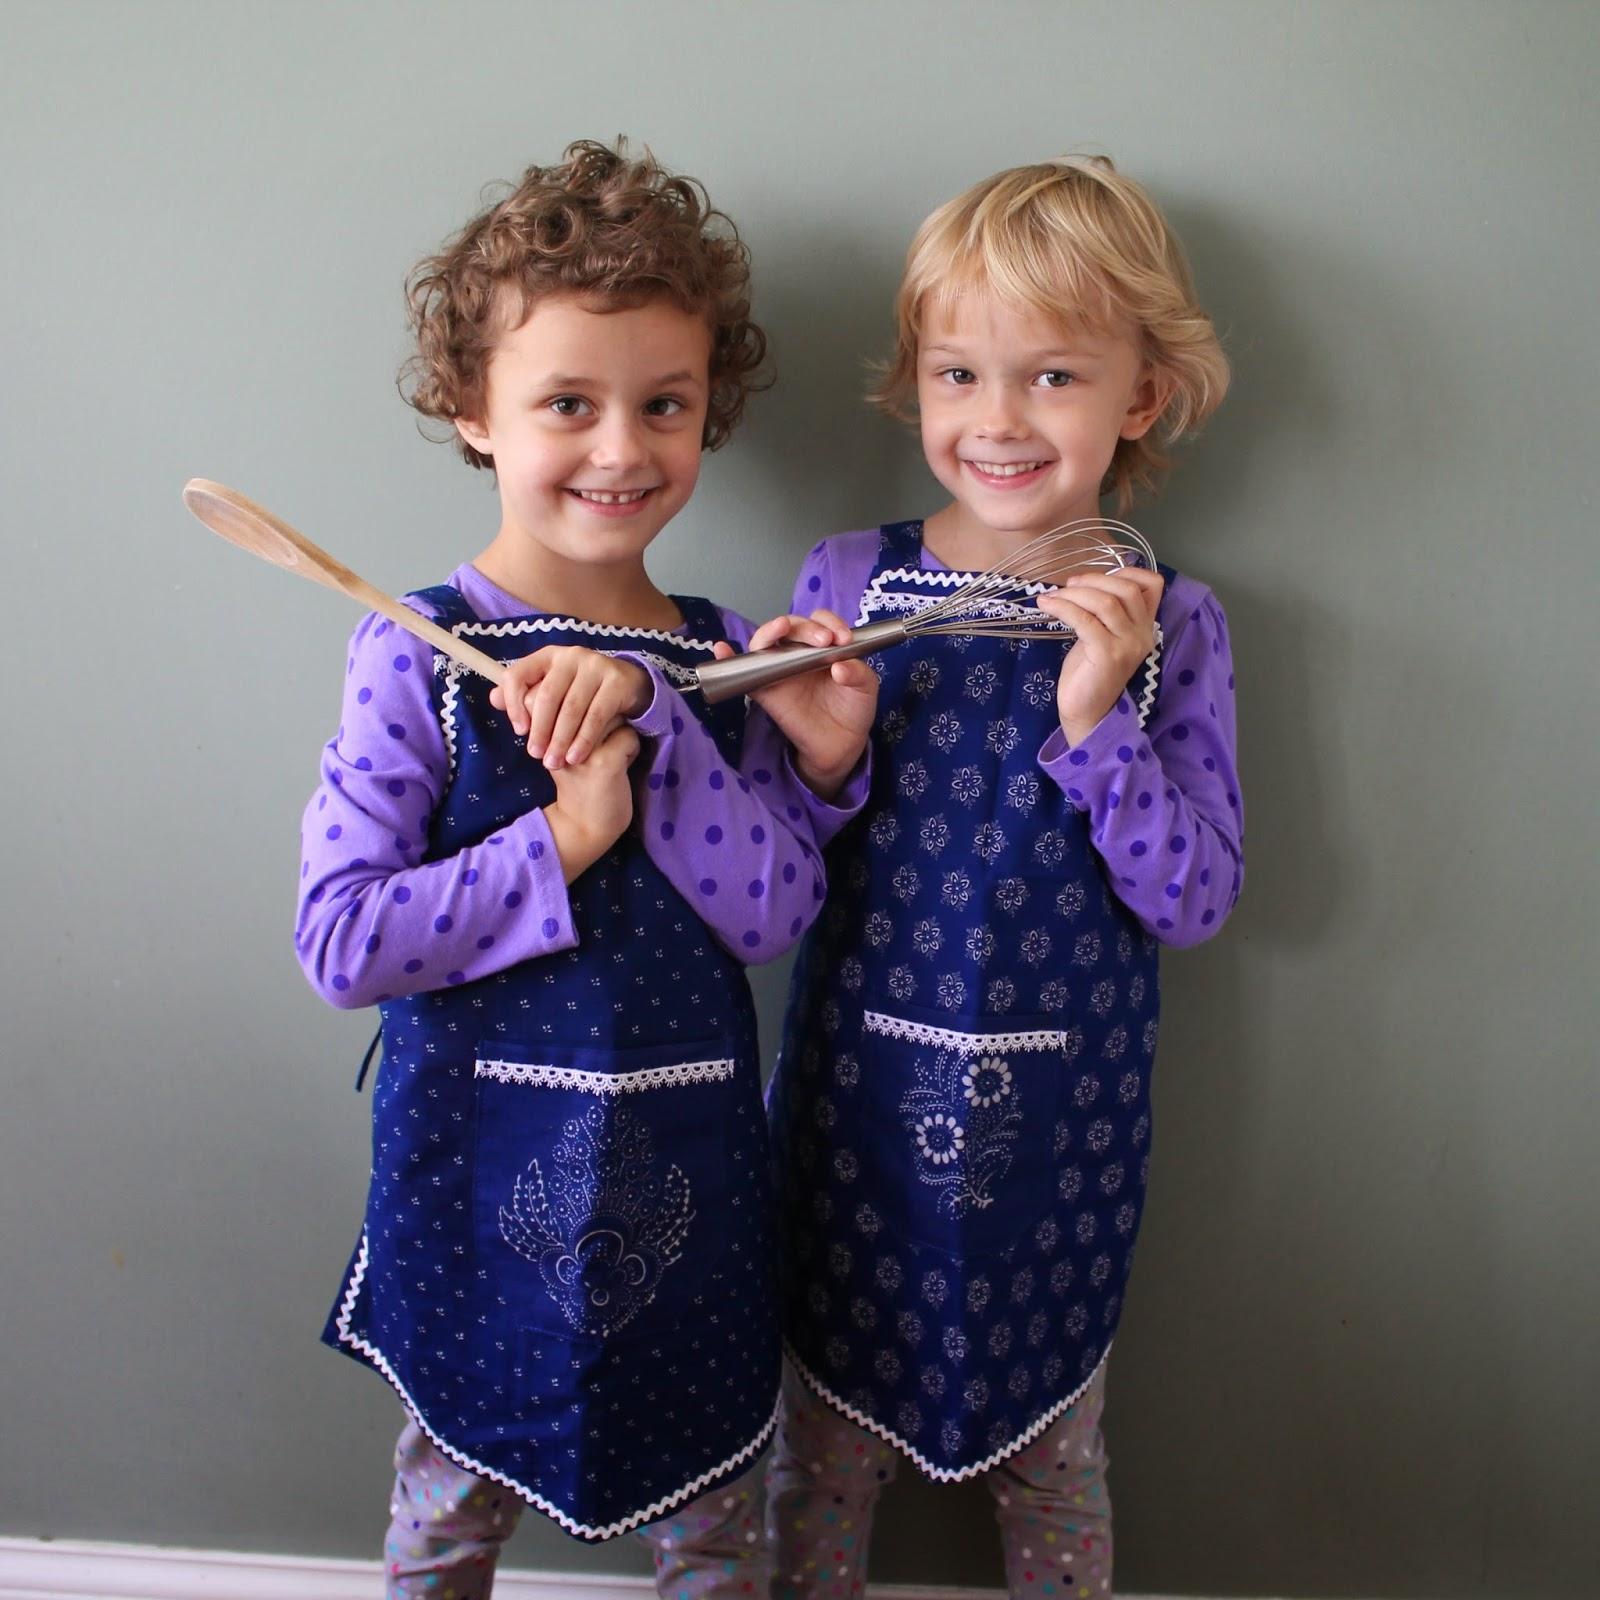 Blue-dye apron on little girls